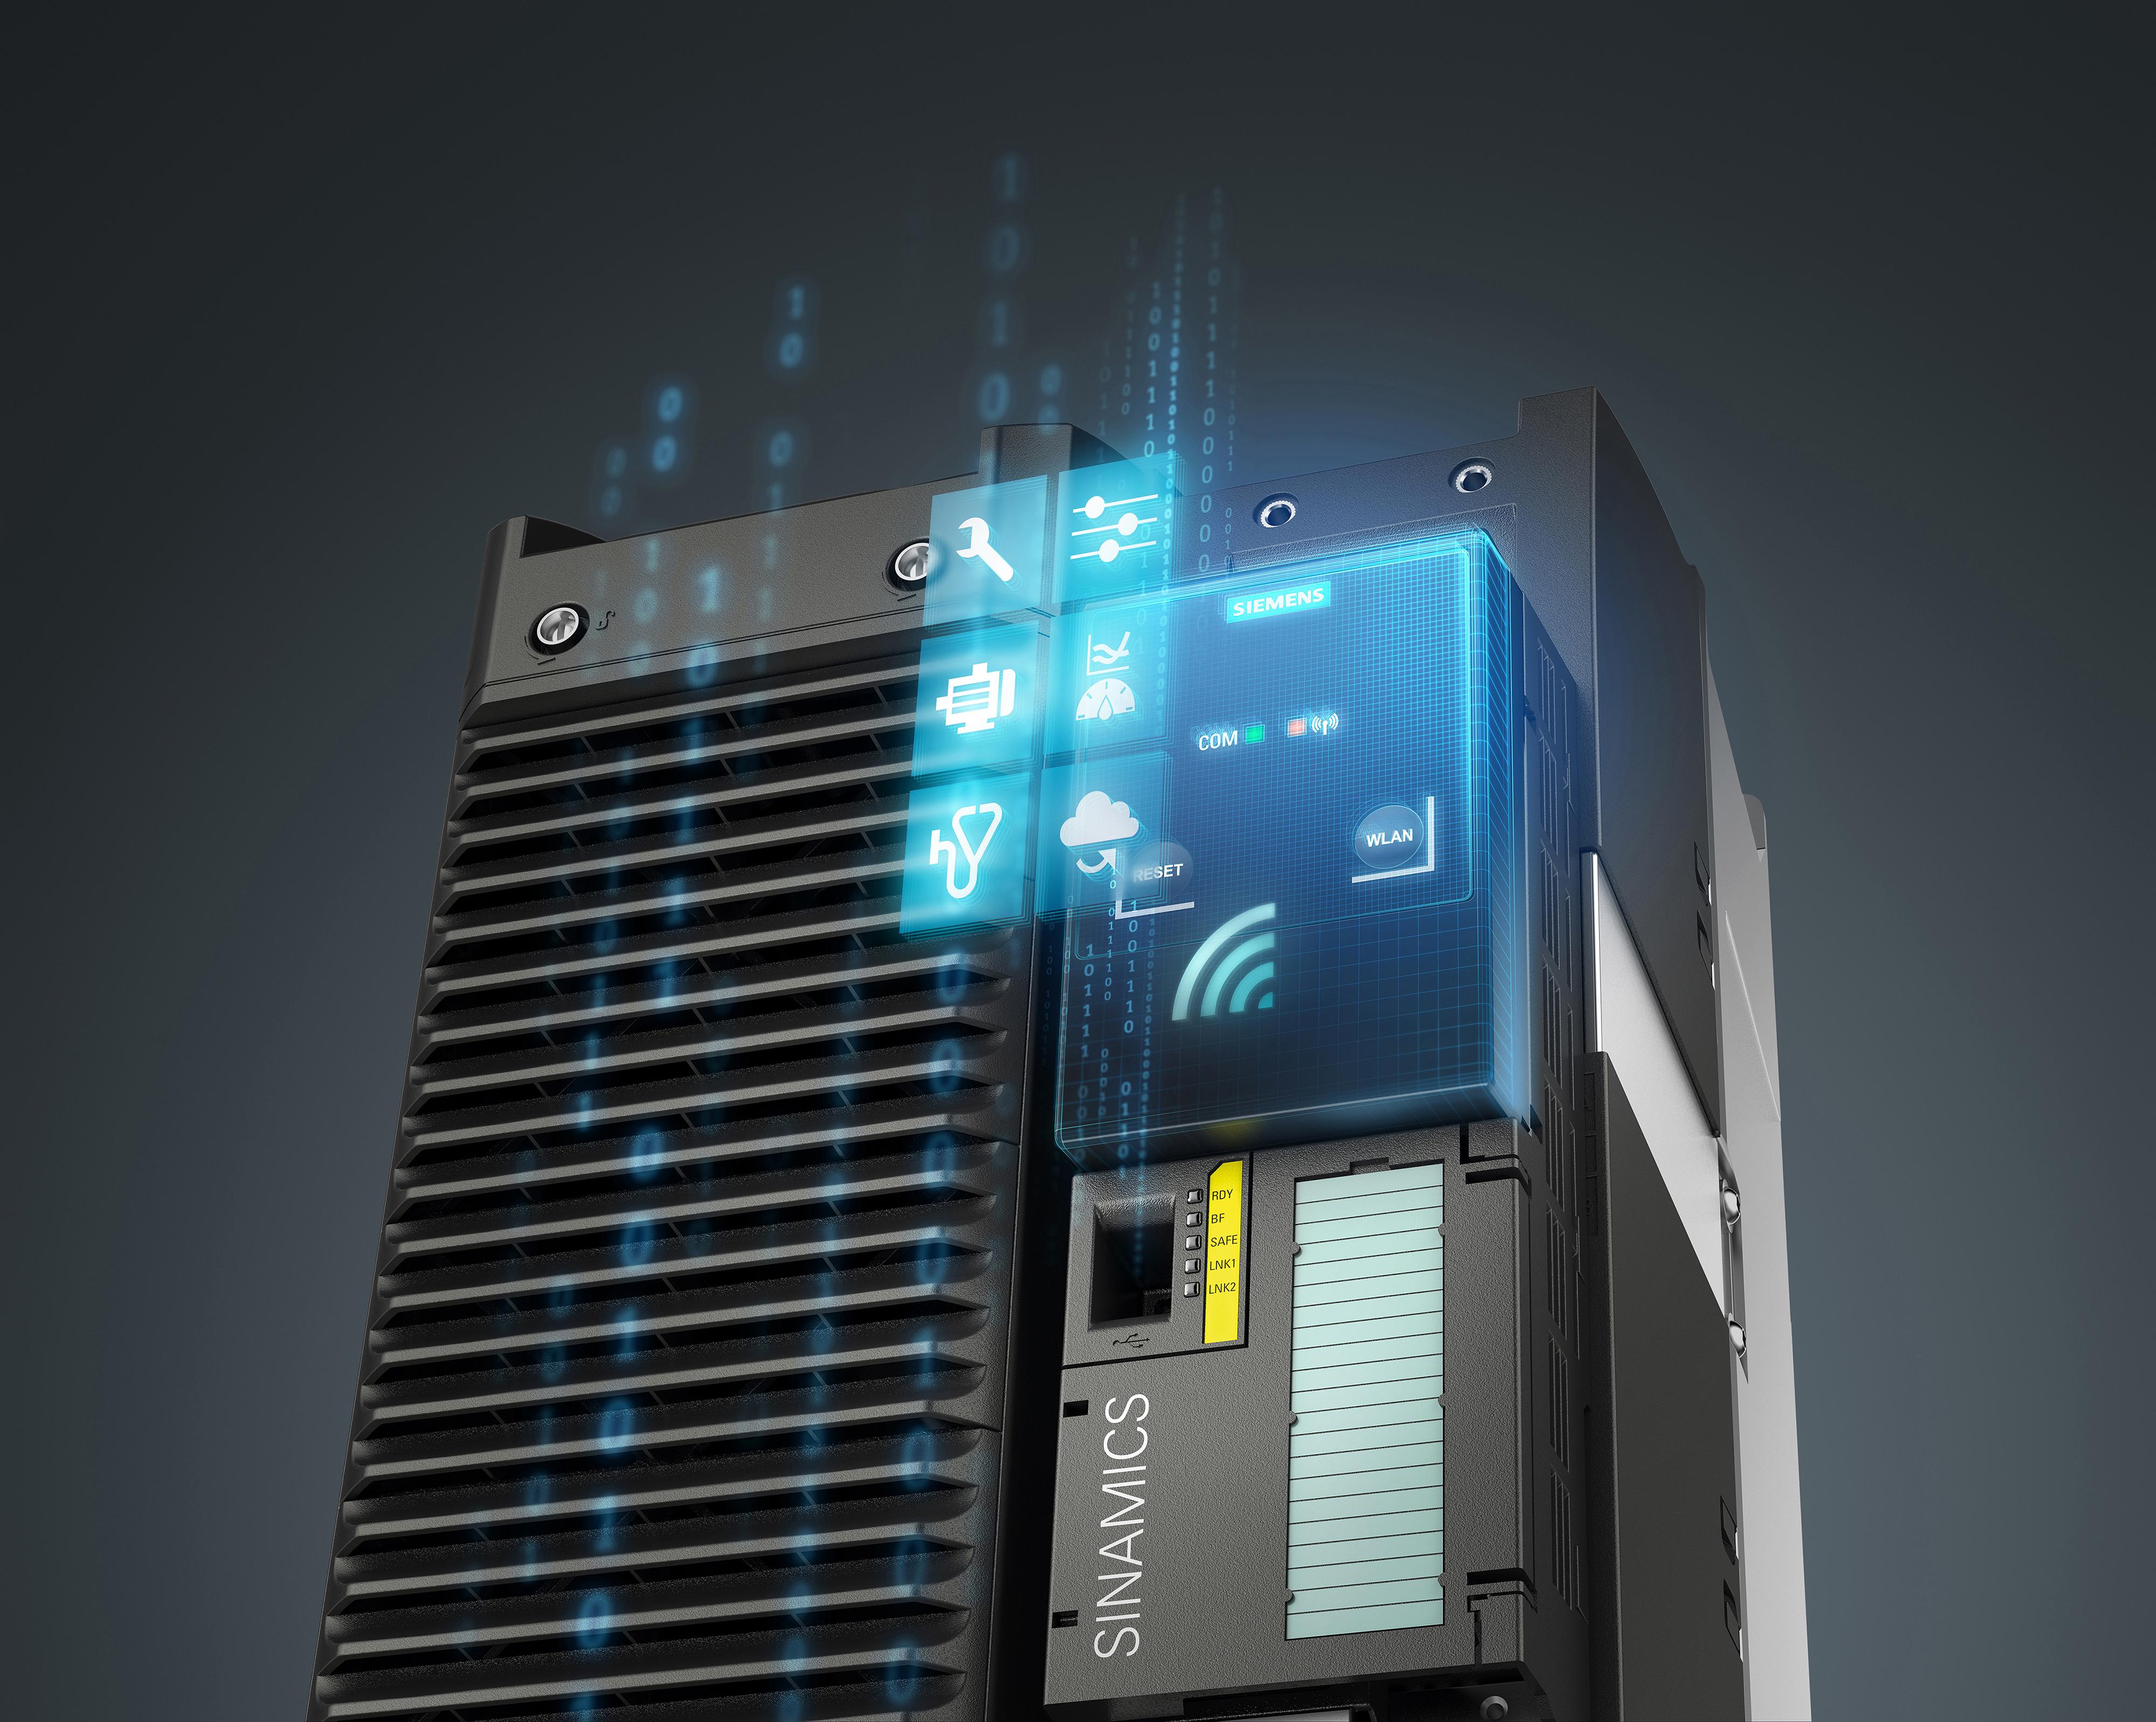 Siemens erweitert das Portfolio der Sinamics G120-Umrichterreihen um eine Option für die drahtlose Inbetriebnahme, Diagnose und Service. Mit dem neuen G120 Smart Access Module können Mobilgeräte wie Tablet, Smartphone oder Laptop kabellos via Wi-Fi mit den Umrichtern Sinamics G120, Sinamics G120C und Sinamics G120P verbunden werden.